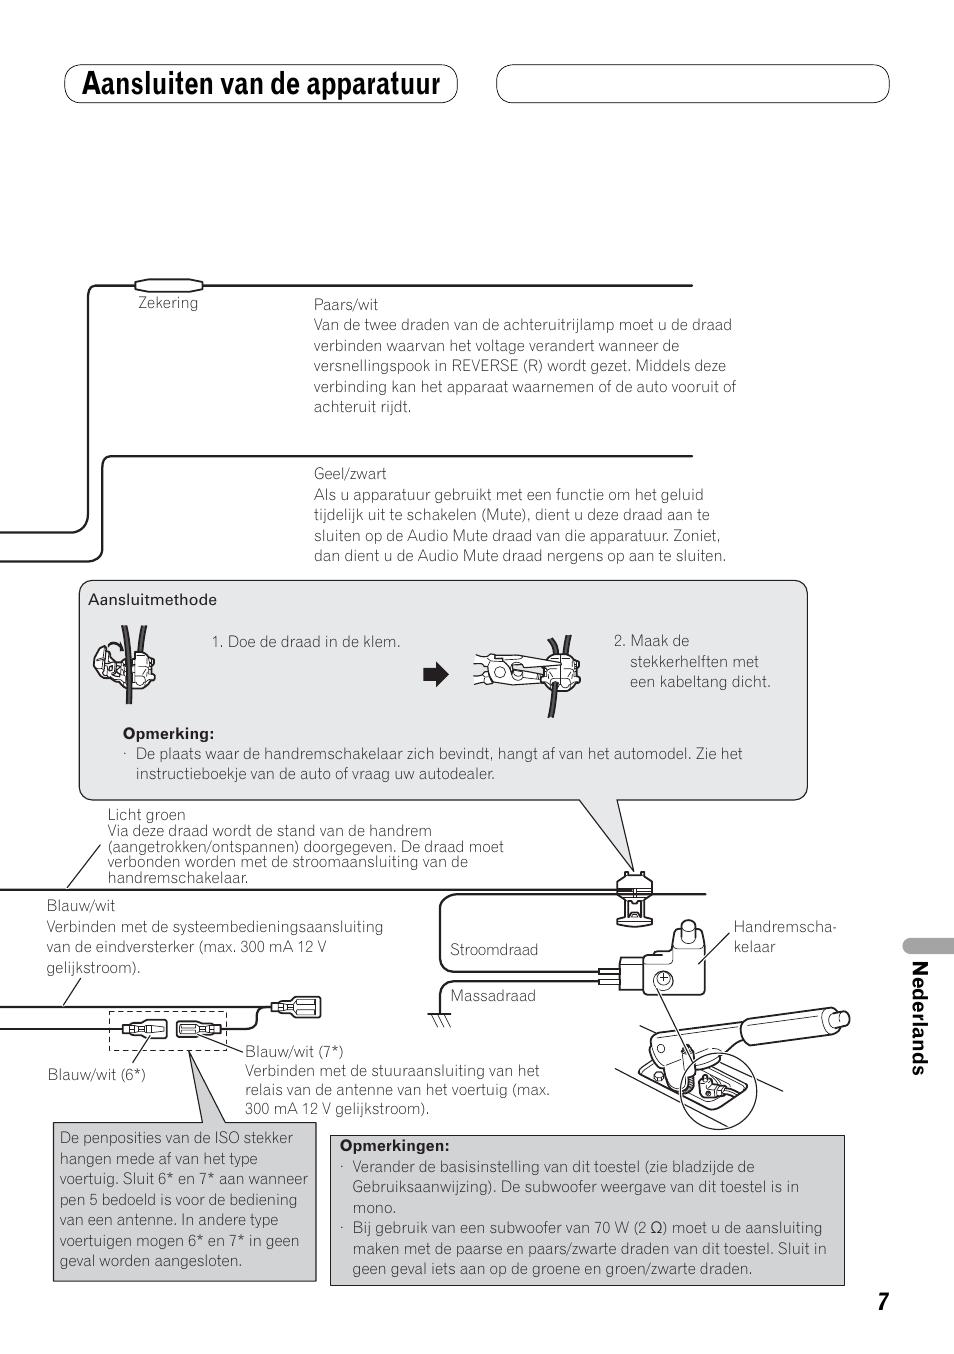 aansluiten van de apparatuur nederlands pioneer avh p4100dvd user rh manualsdir com pioneer avh-p4100dvd manual pdf pioneer avh-p4100dvd manual